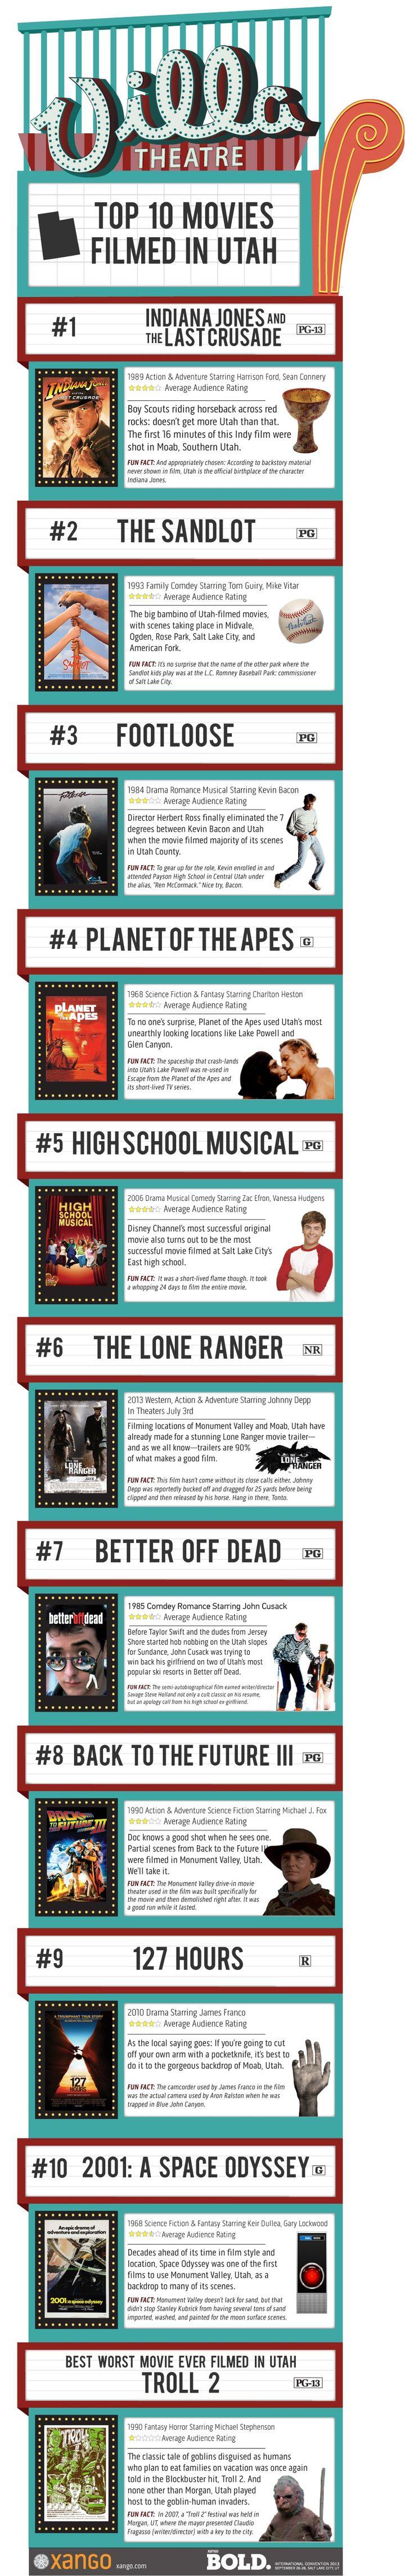 Utah Sweet Savings: Just for Fun!  Top 10 Movies Filmed in Utah!